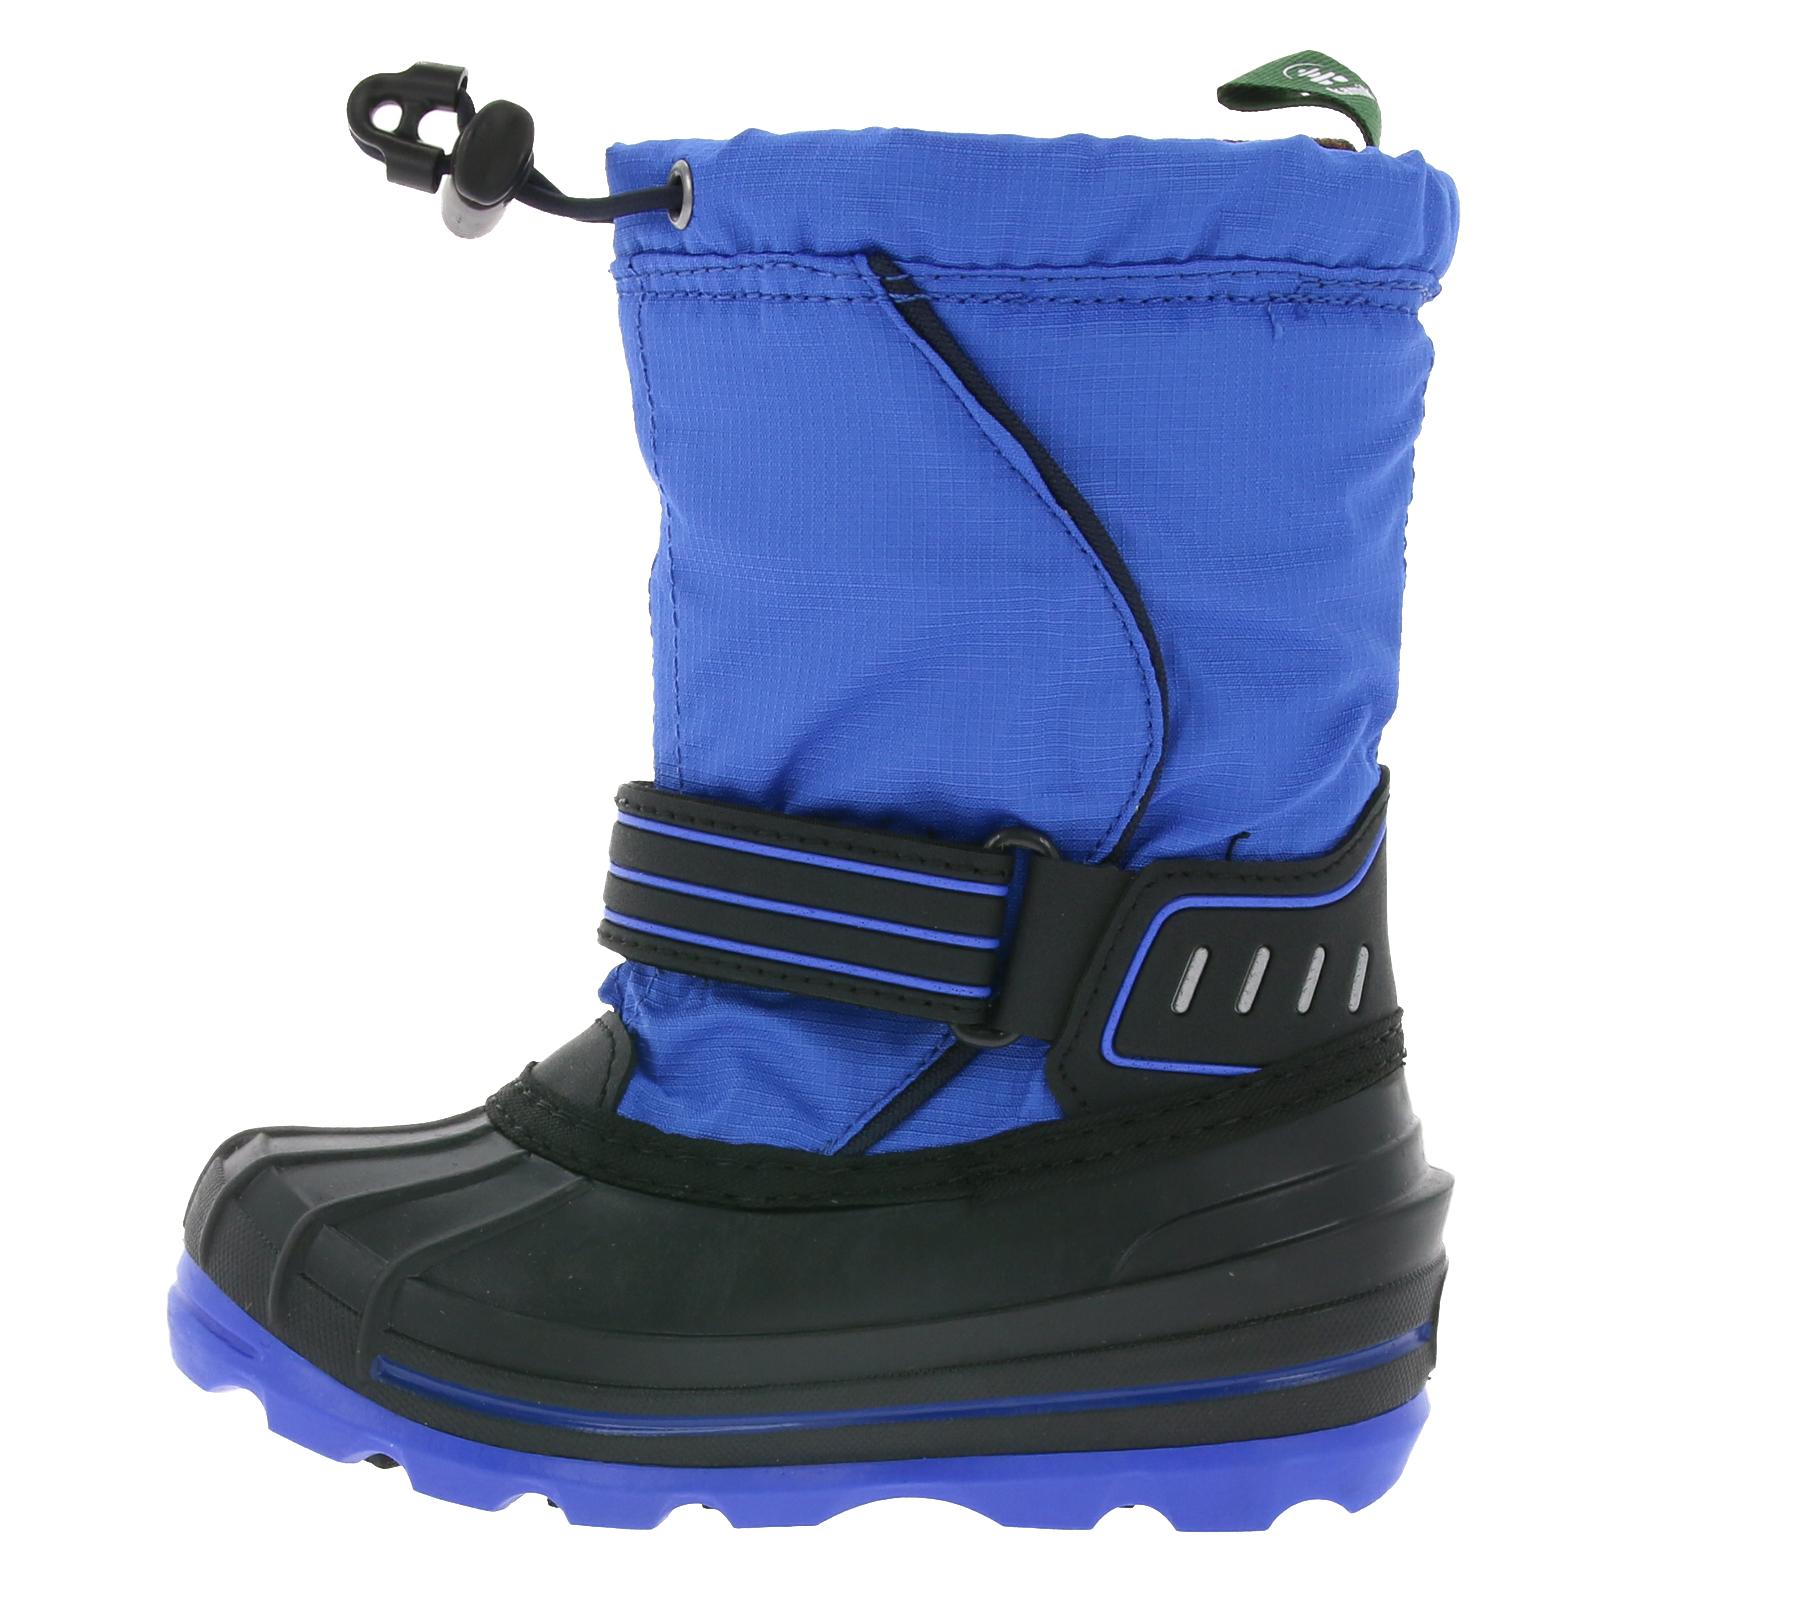 kamik wasserfeste Kinder-Winter-Boots Schnee-Stiefel Schuhe Blau SALE Boots